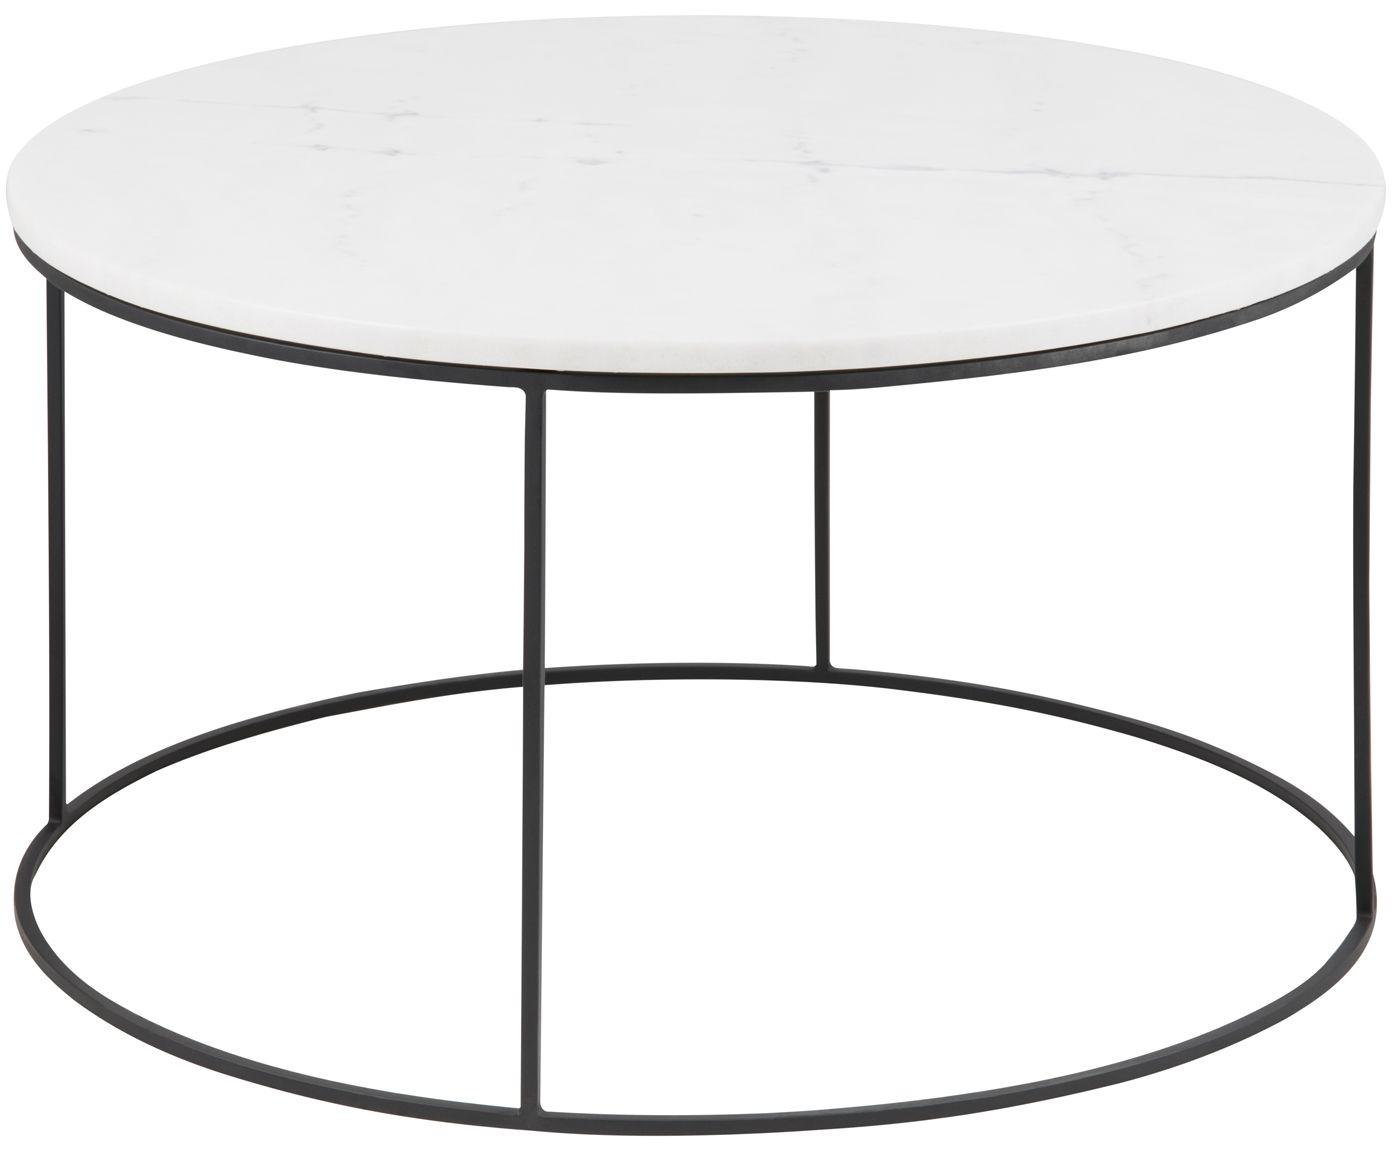 Bestellen Sie Marmor Couchtisch In Weiß Schwarz Online Entdecken Sie Tolle Möbel Accessoires Und Mehr Bei We Couchtisch Couchtisch Marmor Couchtisch Rund